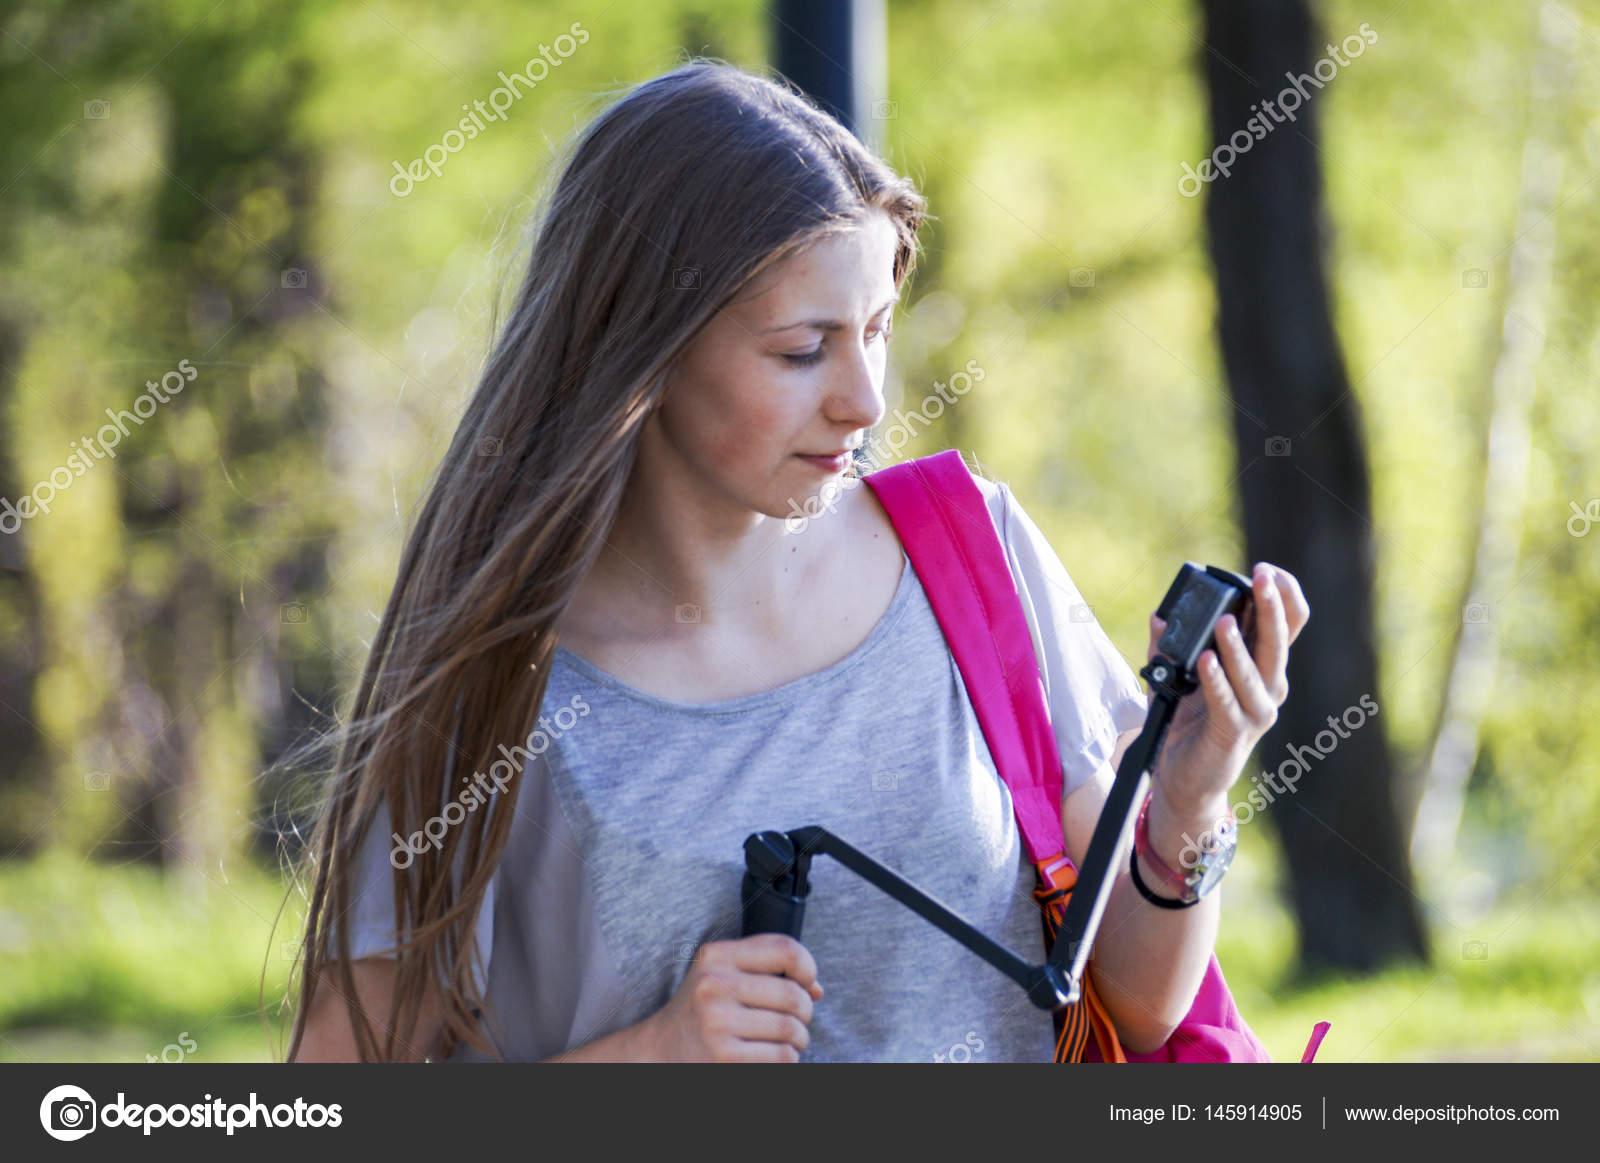 Teen joy in the park